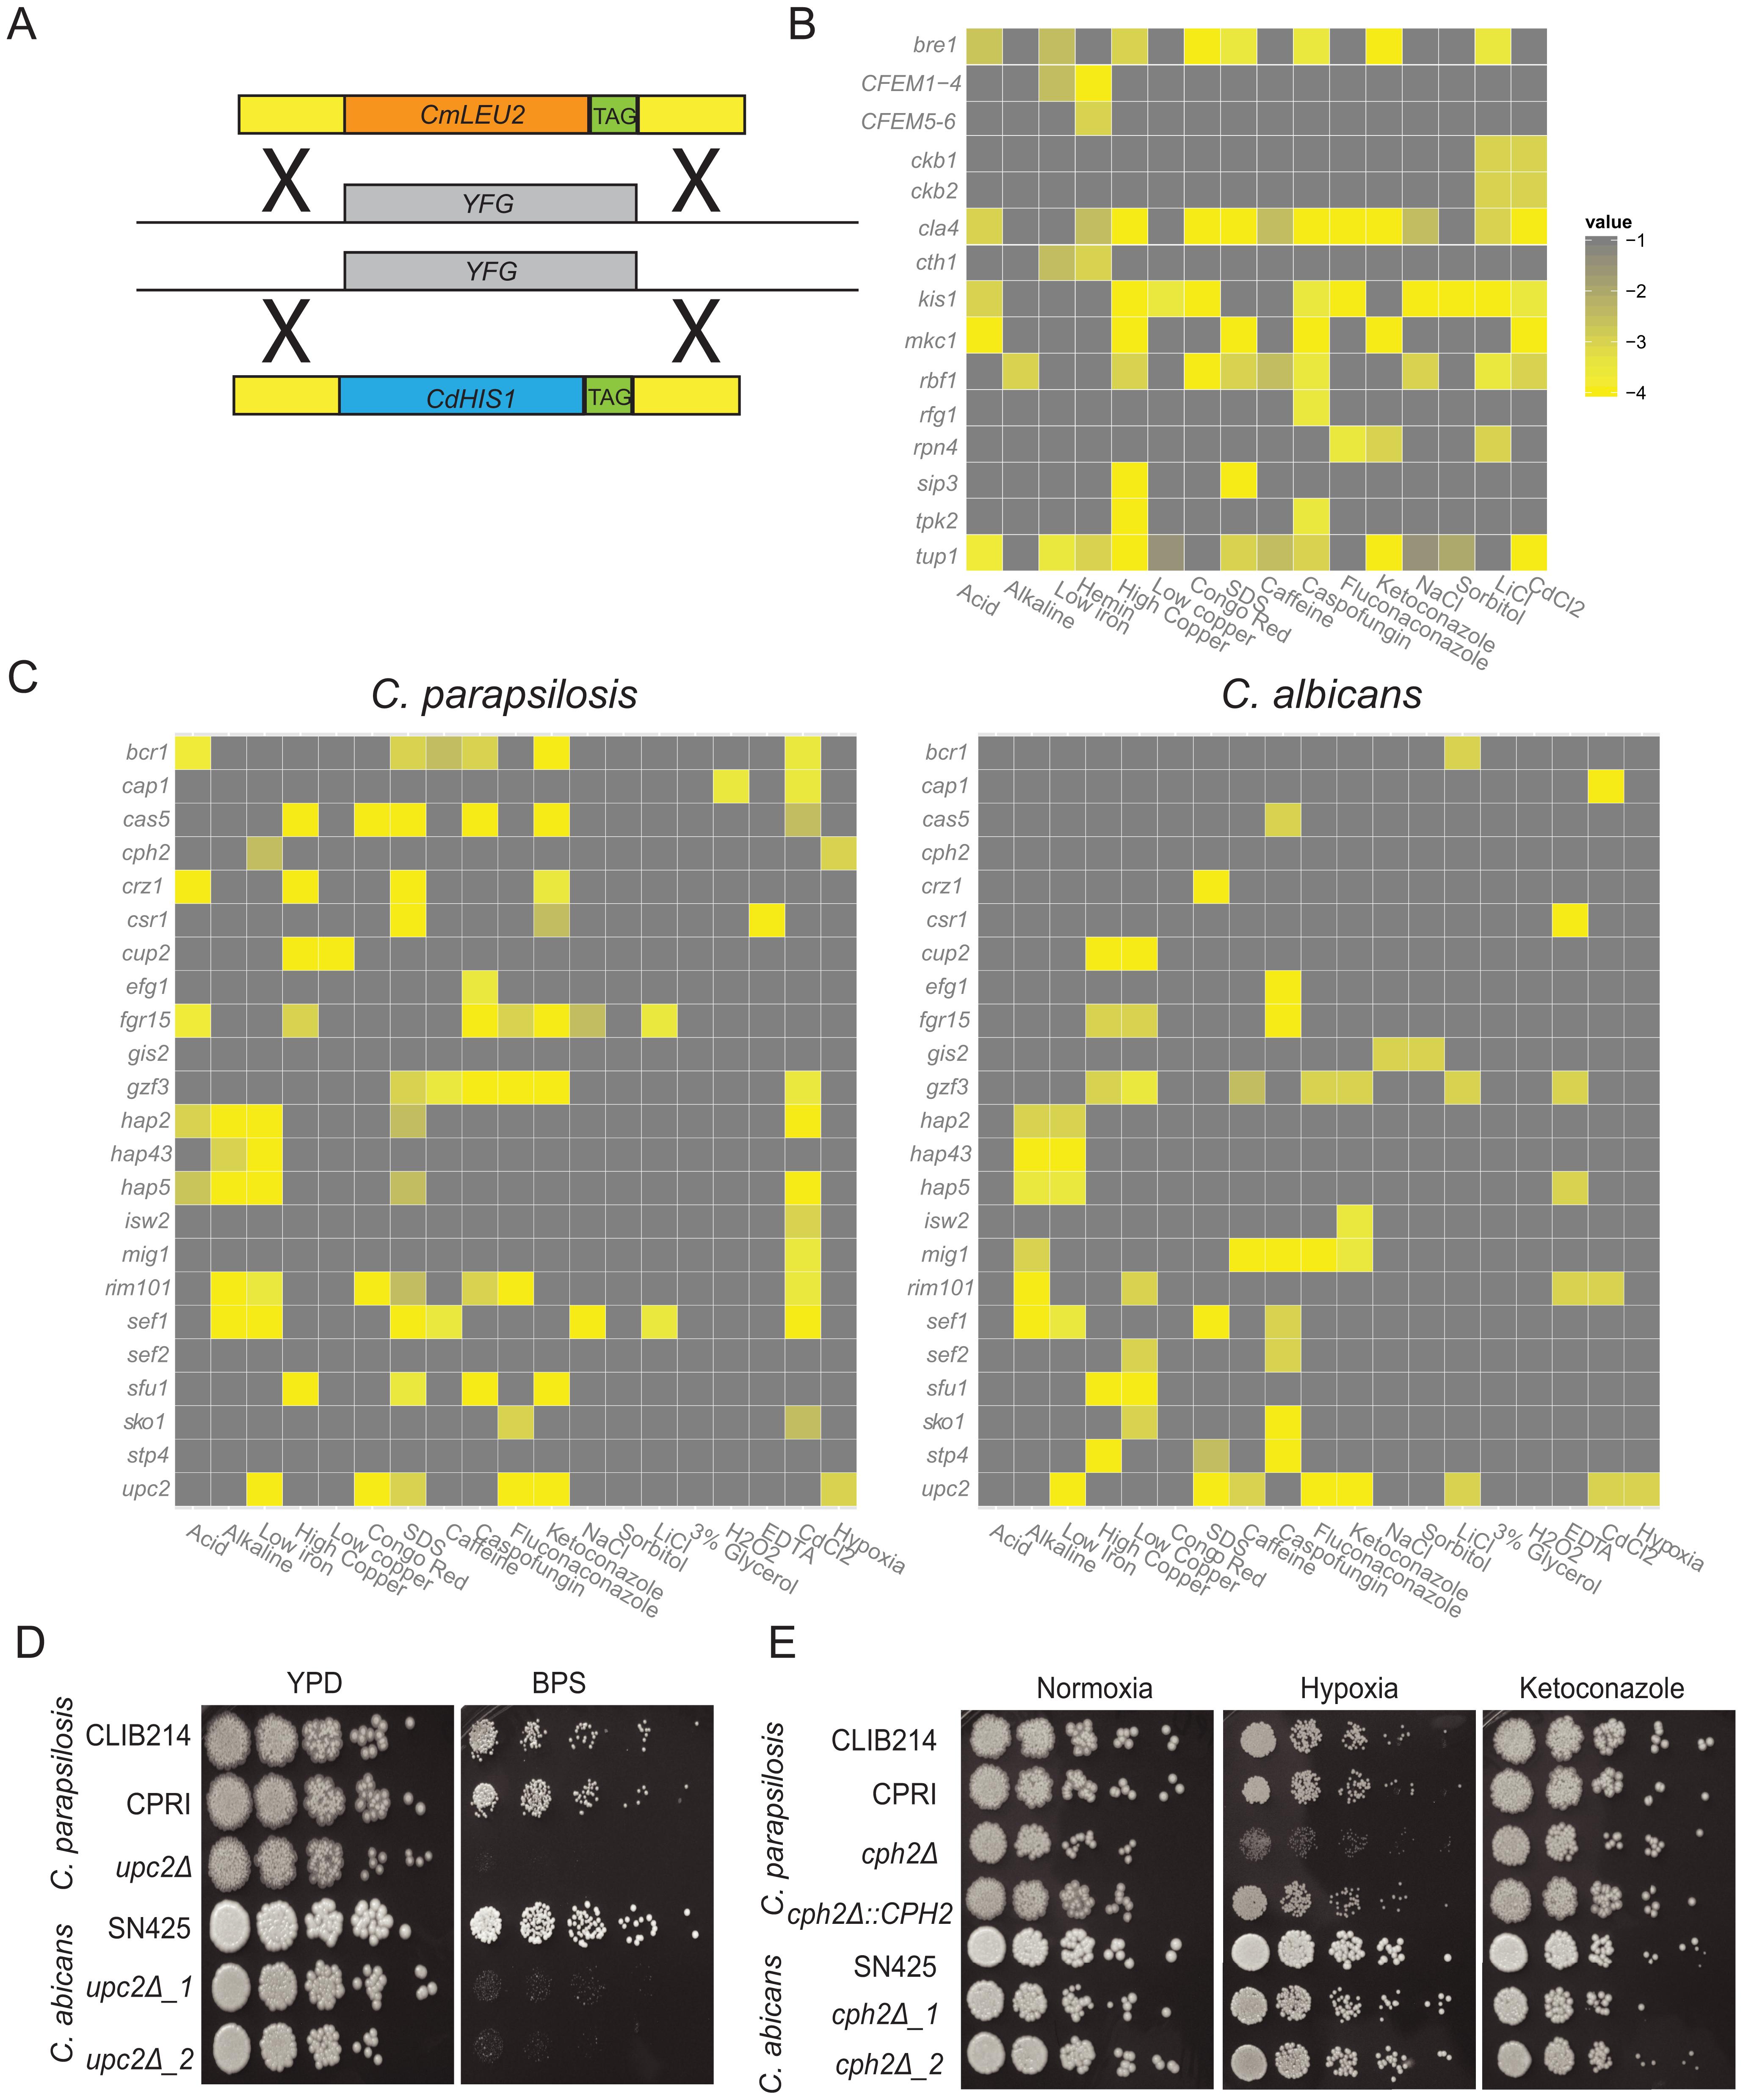 Phenotype screening of <i>C. parapsilosis</i> gene knockout strains.